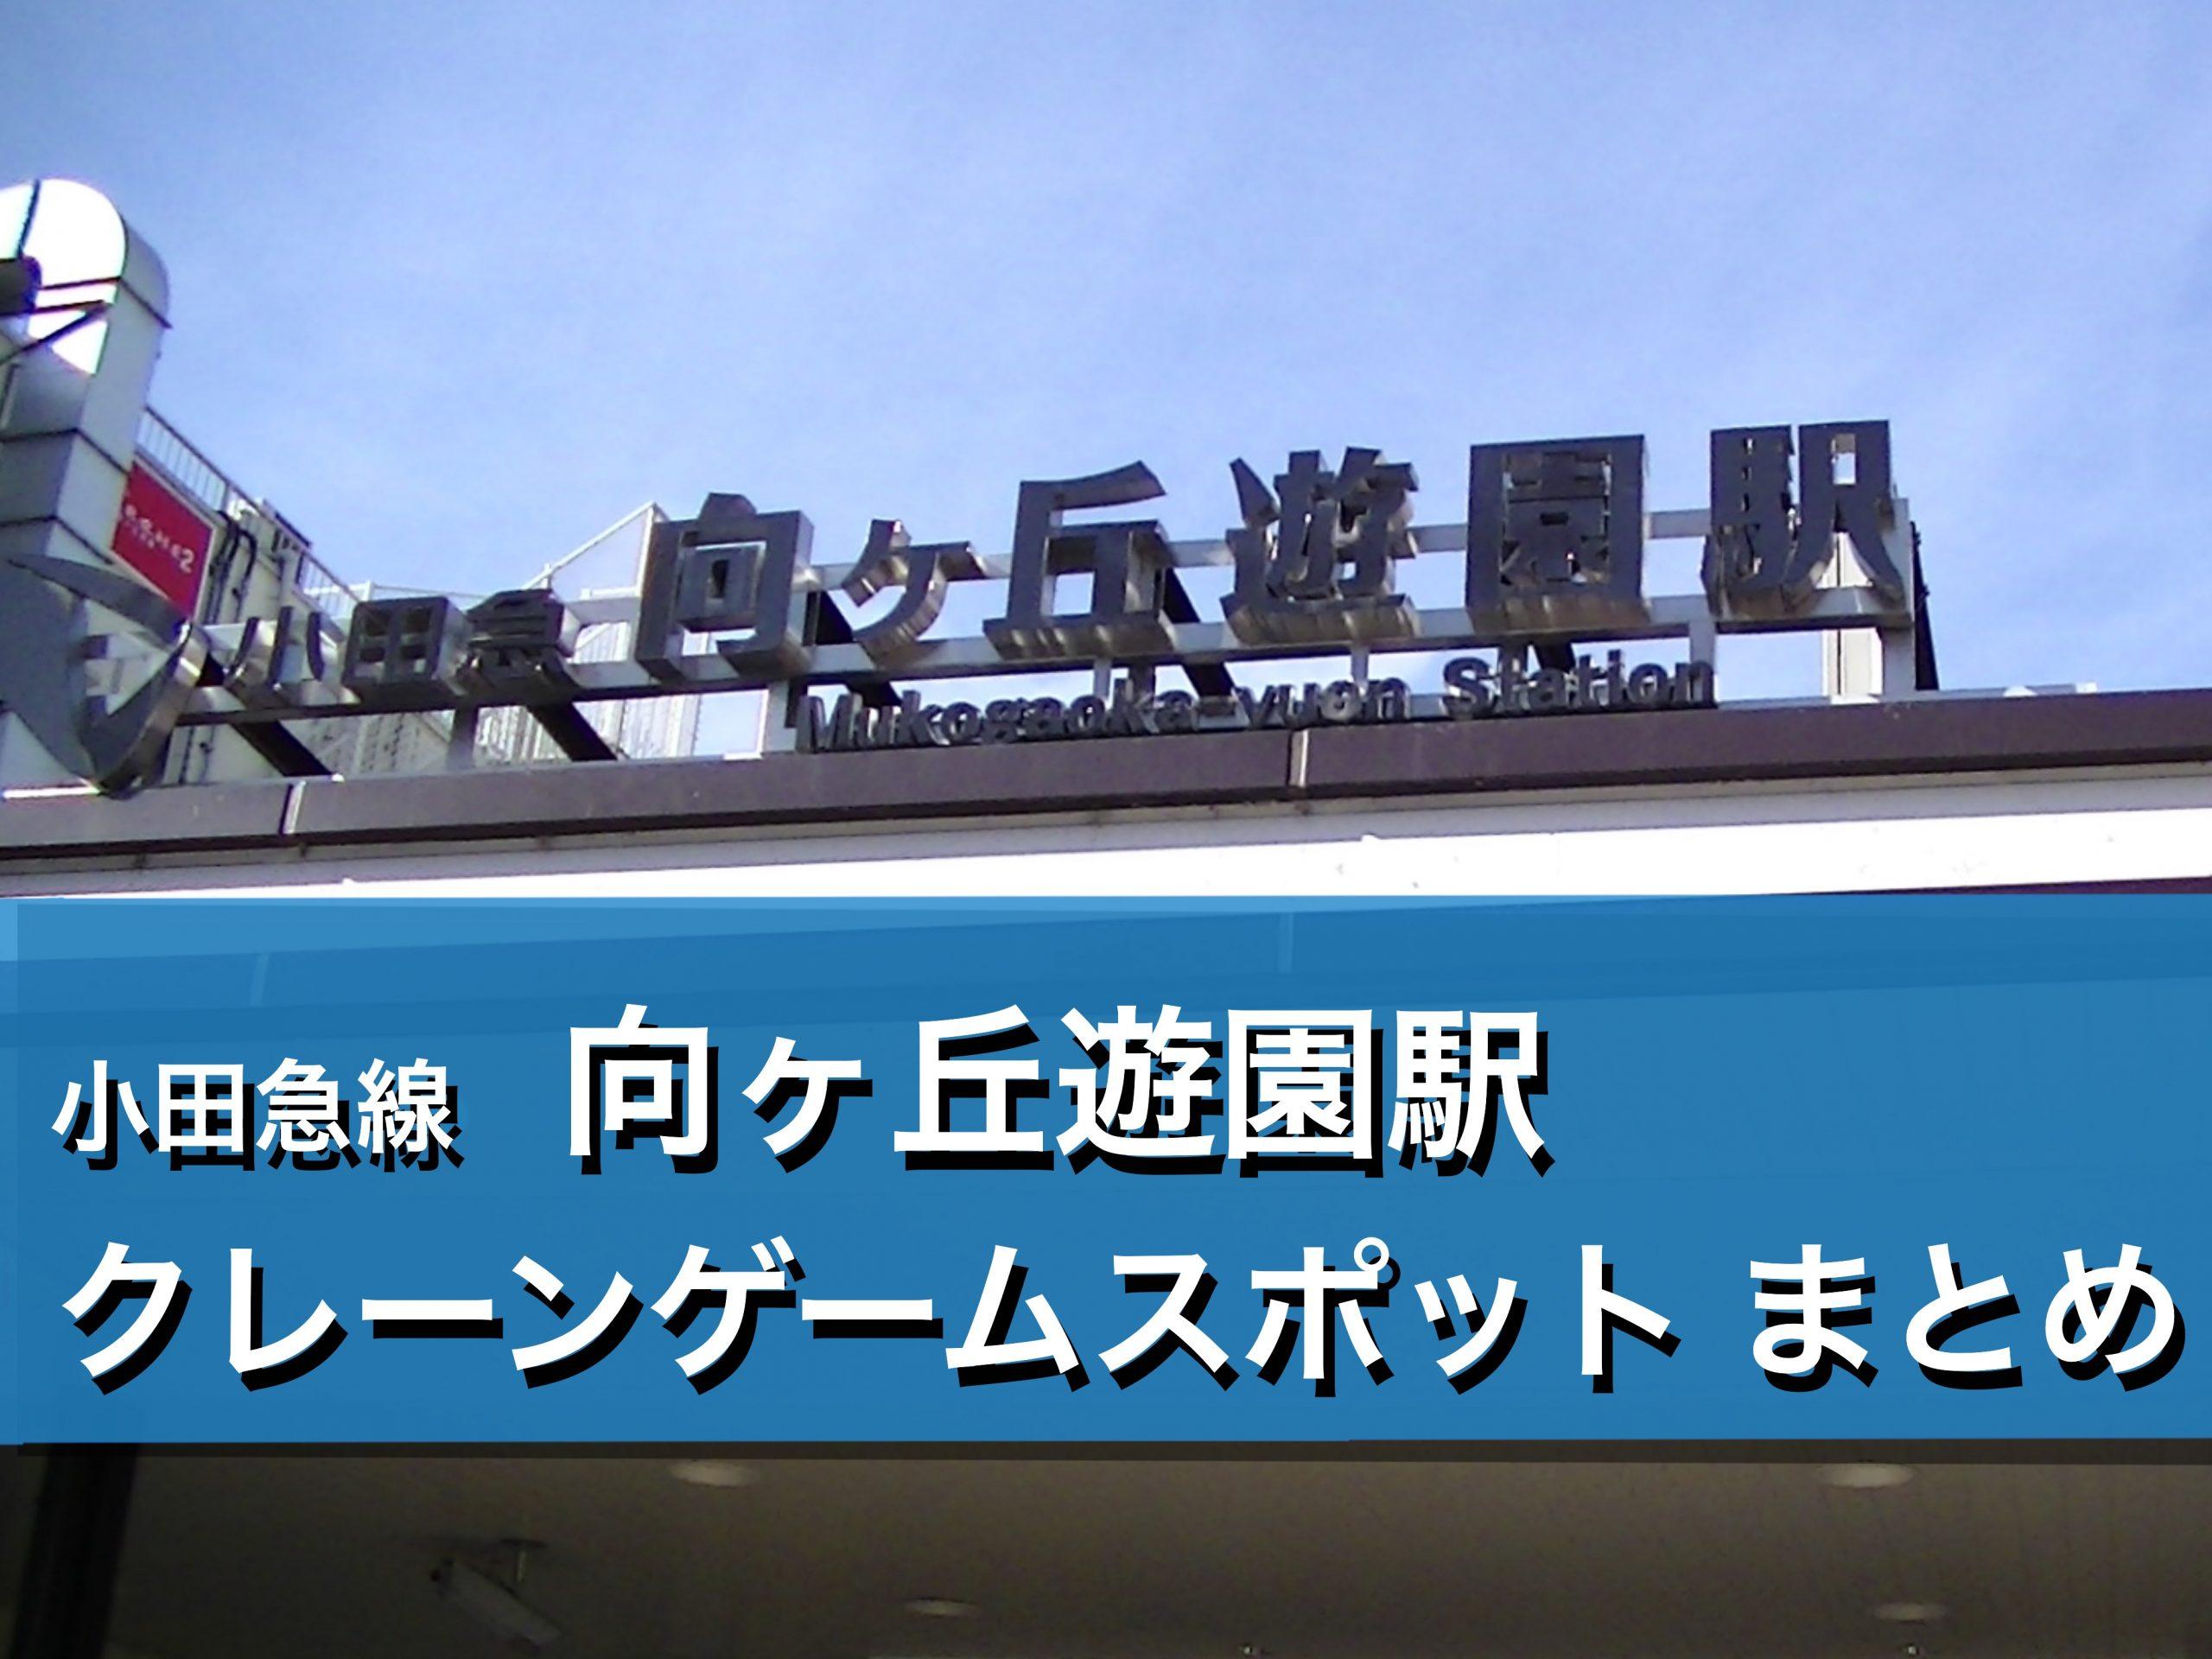 【向ヶ丘遊園駅】クレーンゲームができる場所